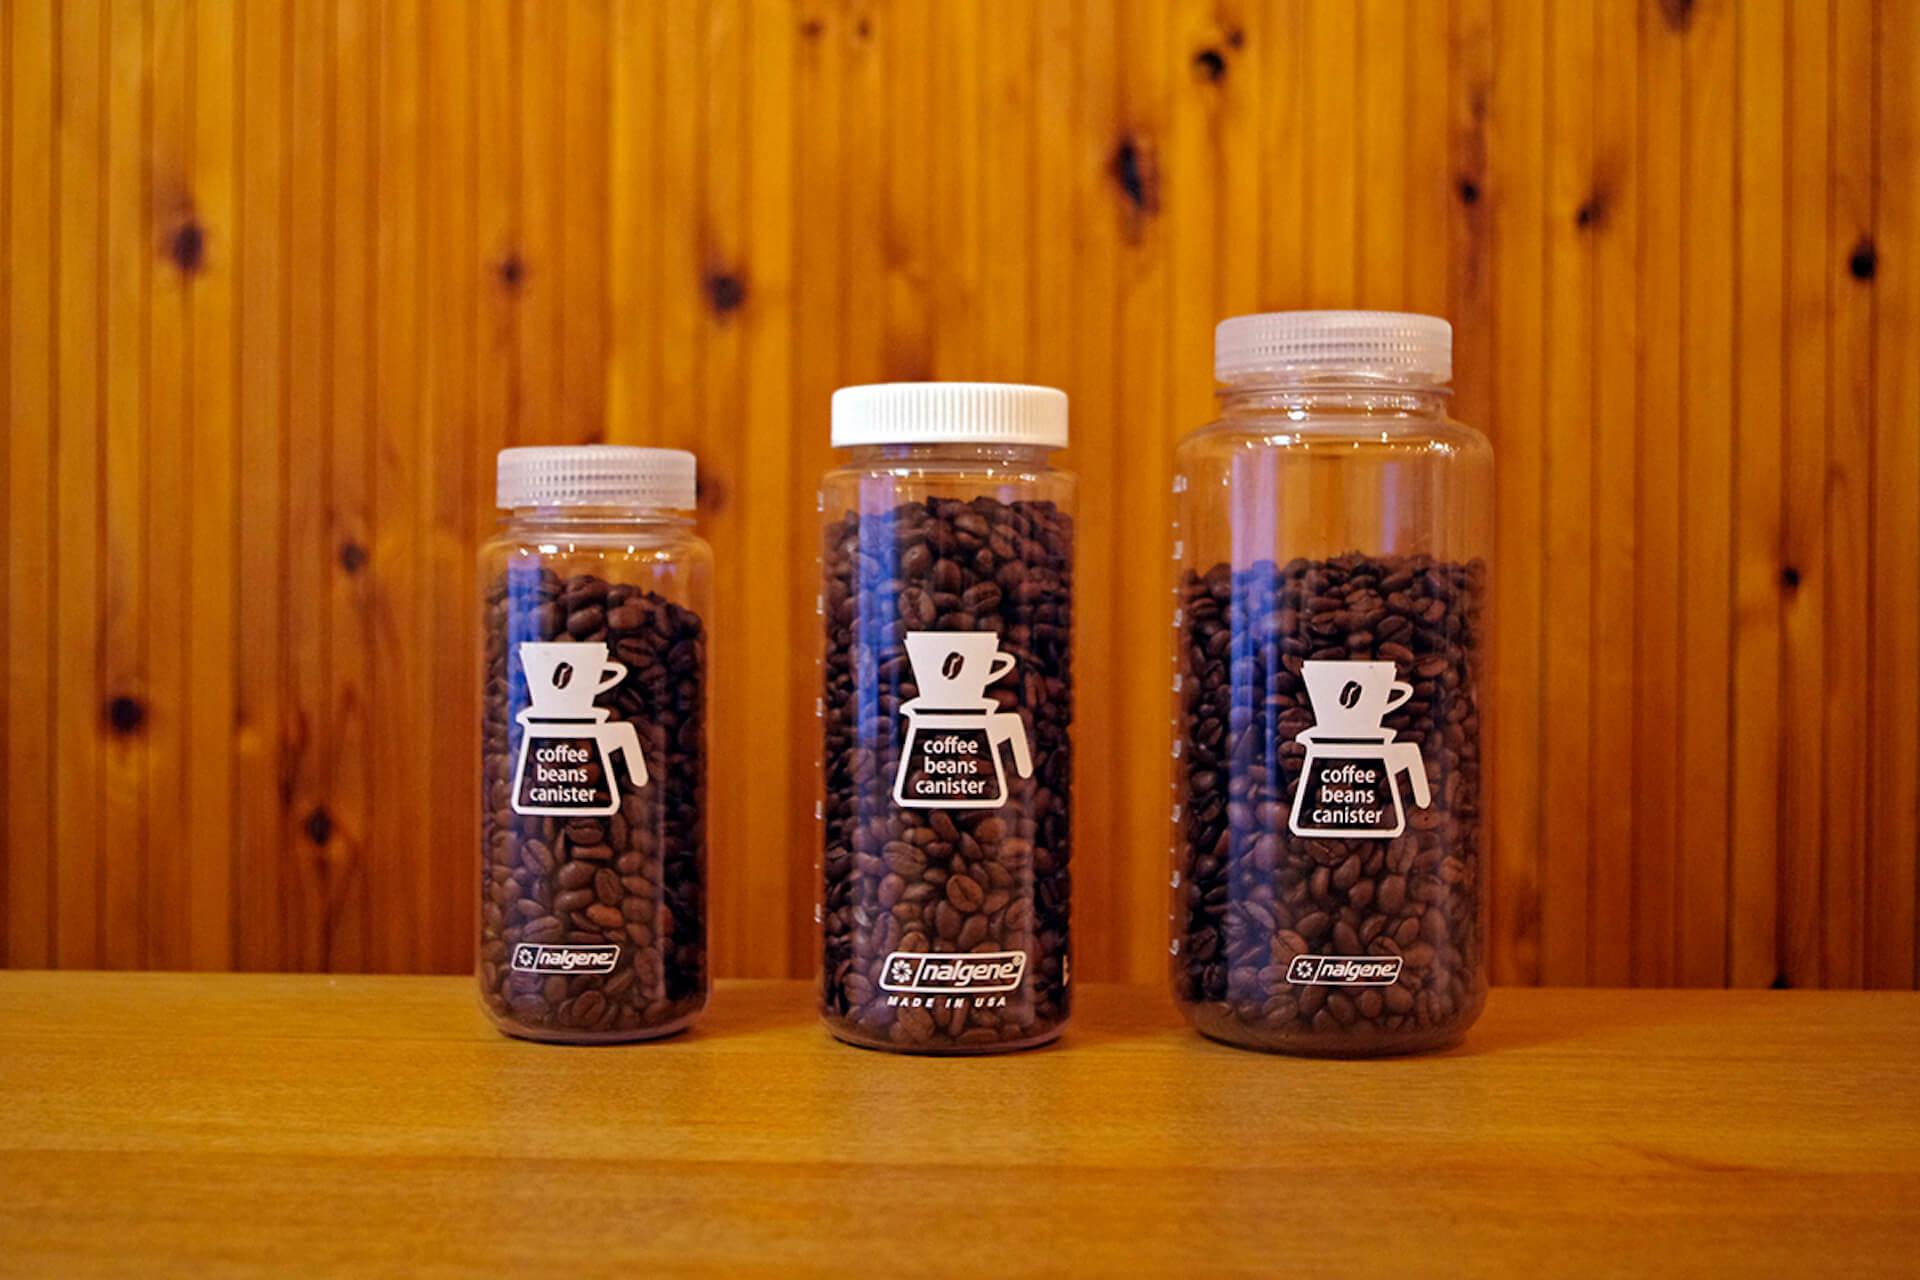 【2021年・コーヒーギア特集】アウトドア&自宅で極上のコーヒータイムを!機能的ギア&厳選コーヒー豆特集 gourmet210303_jeep_coffee_8